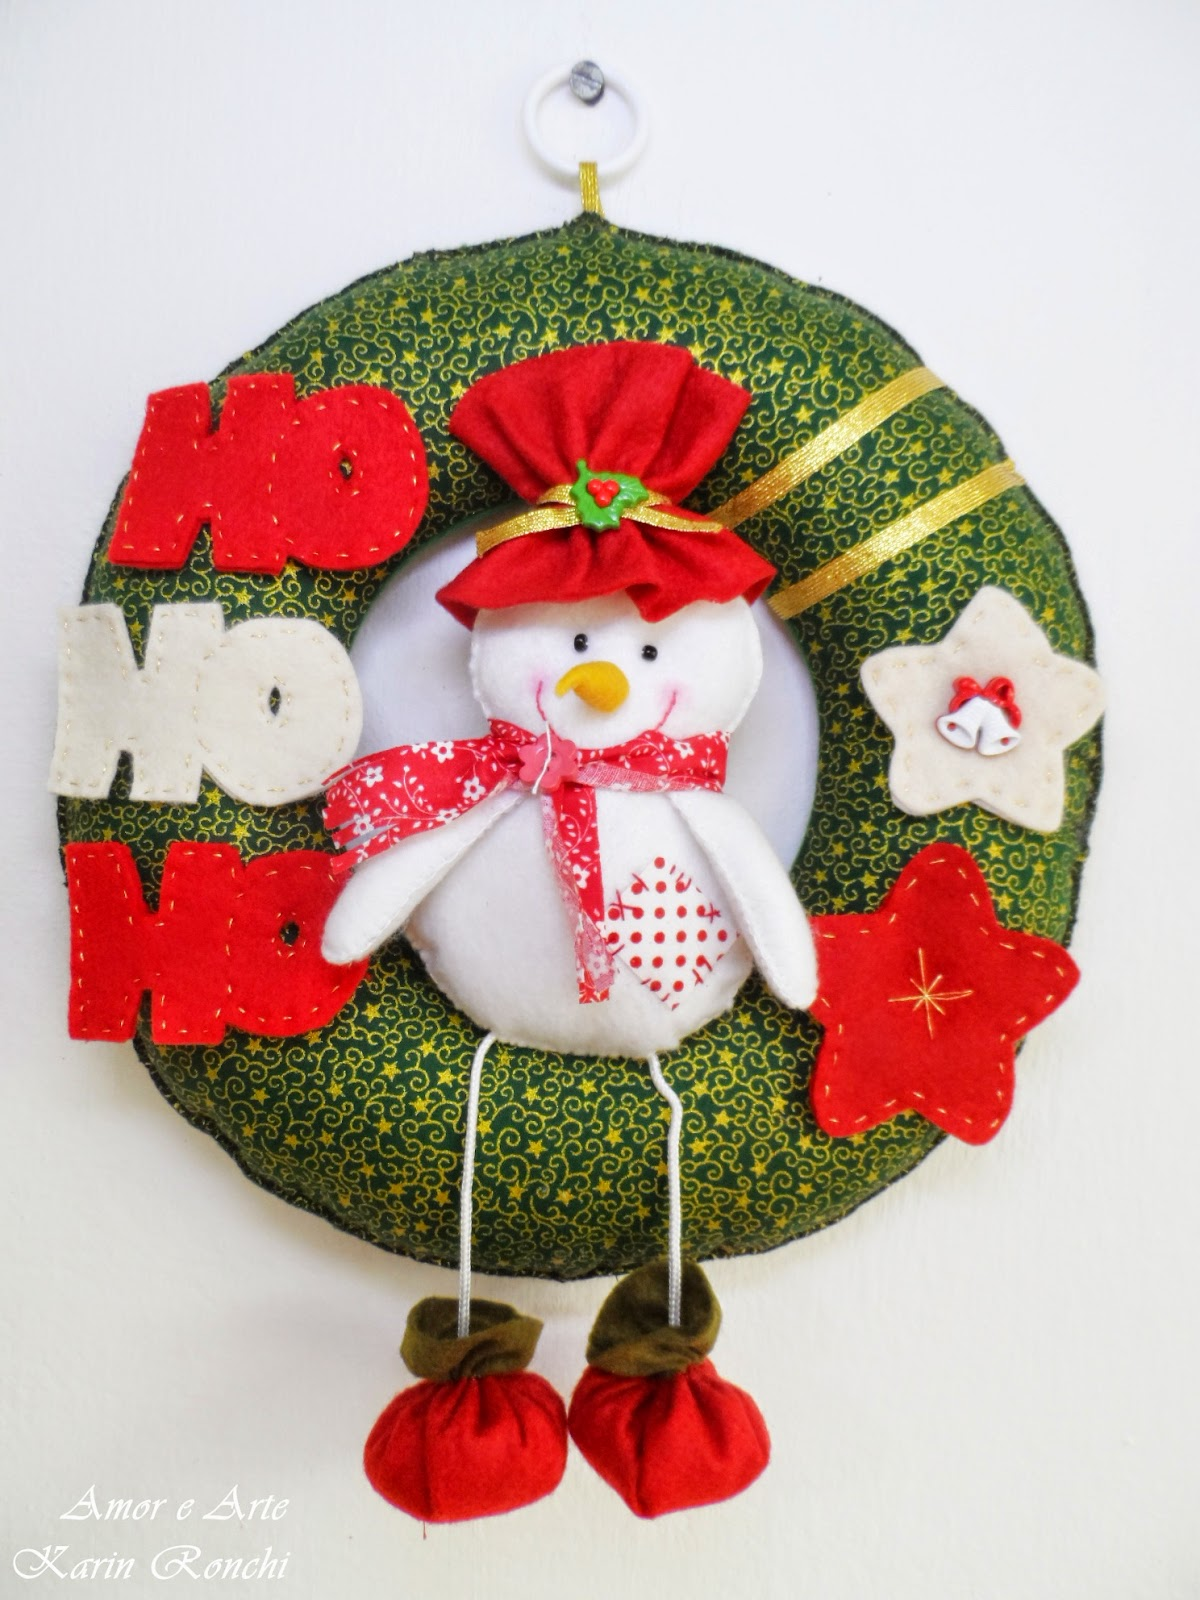 Guirlandas de Natal, em feltro e tecido - Boneco de Neve (verde e vermelho)